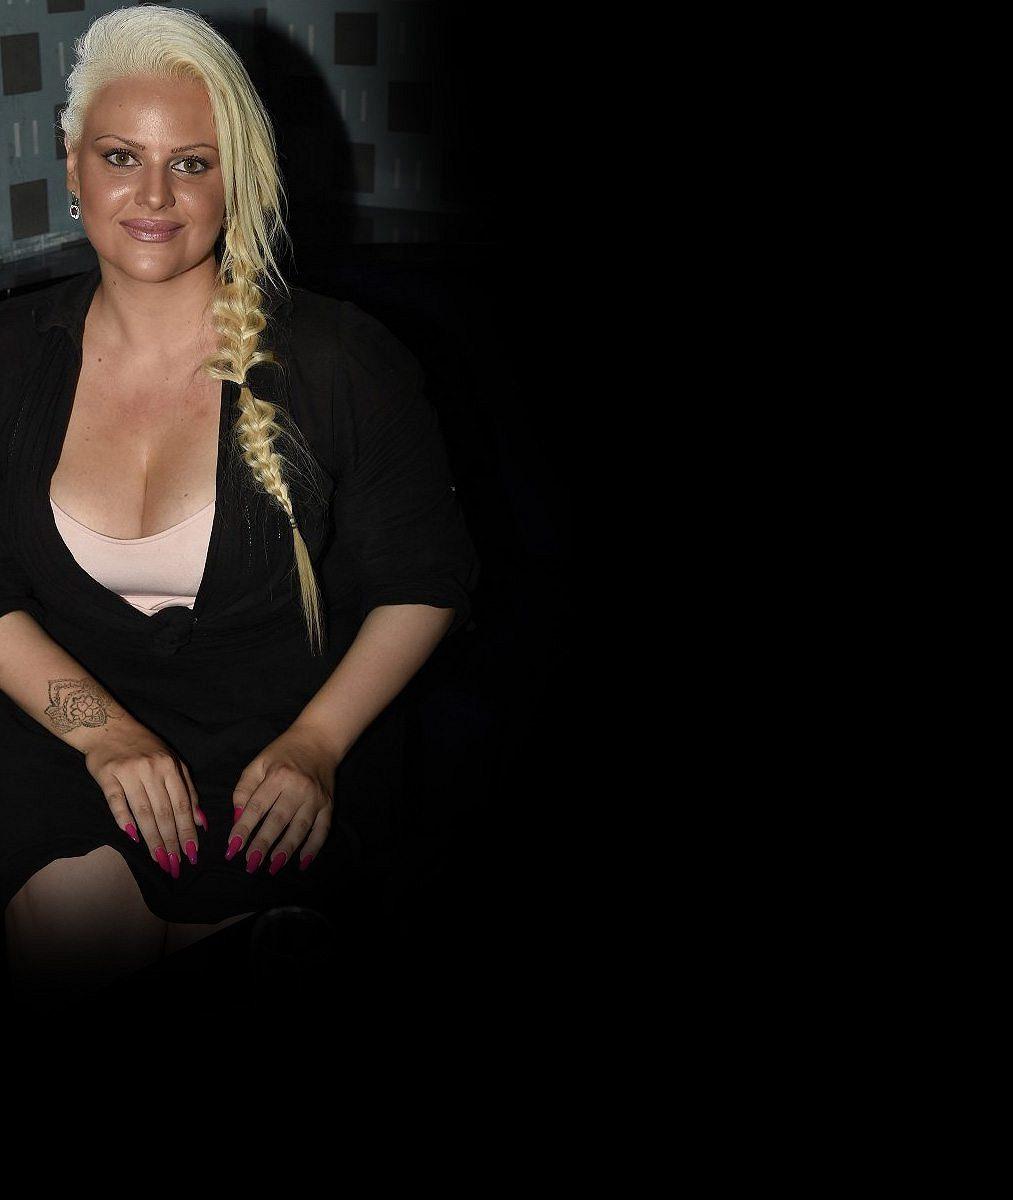 Obdařená Charlotte Štiková se opřela do matky Moniky: Odstřihla ji, protože si dělala zálusk na jejího kluka!